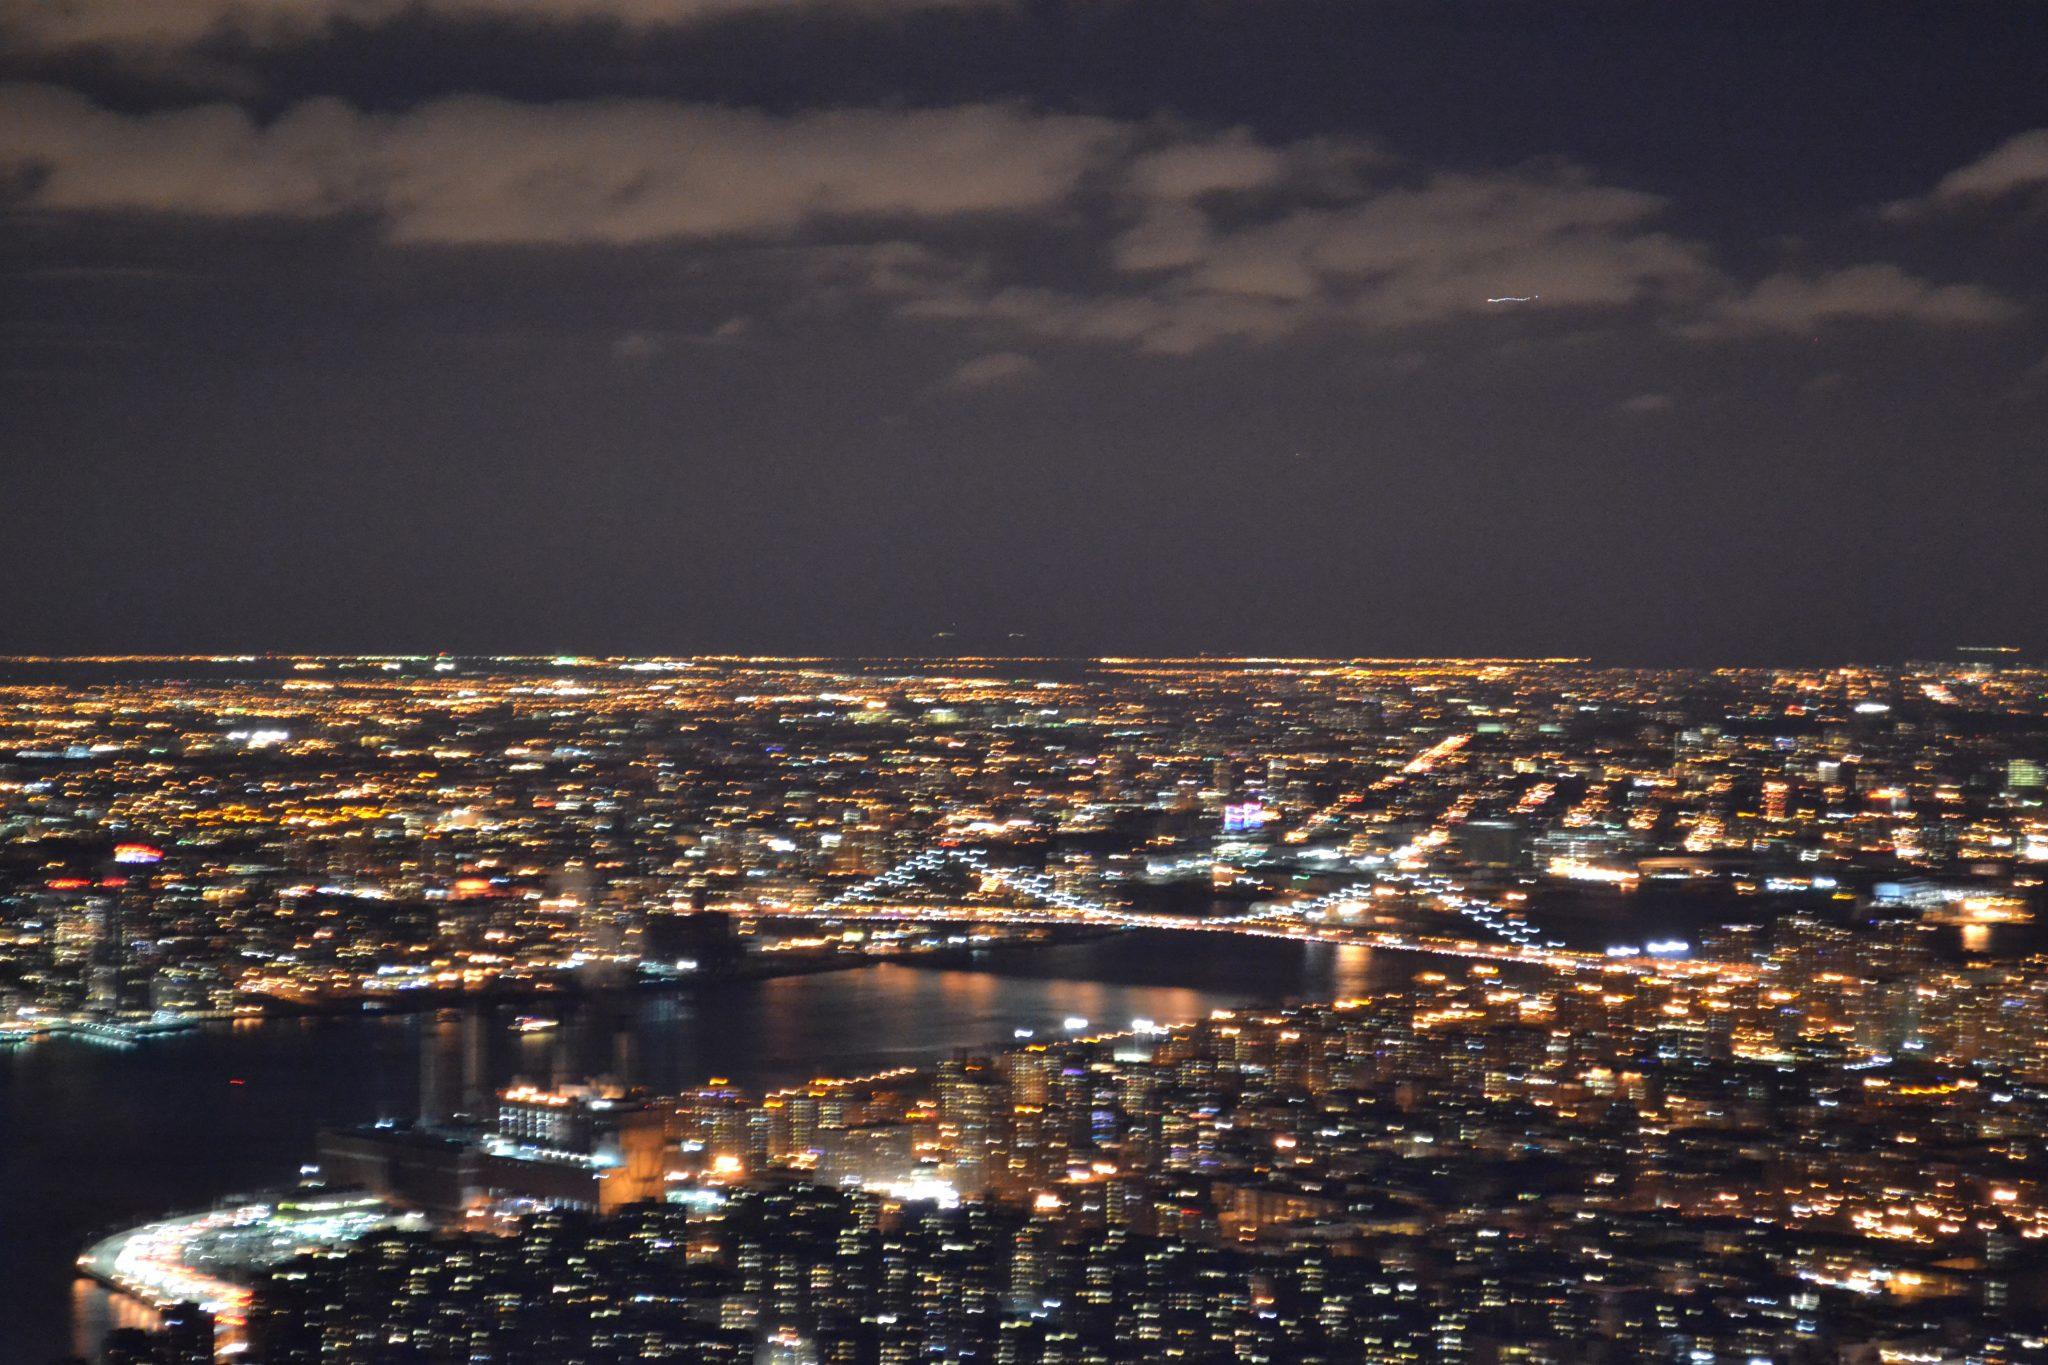 New York Part 2: Rockefeller Center & Empire State Building - dsc 0253